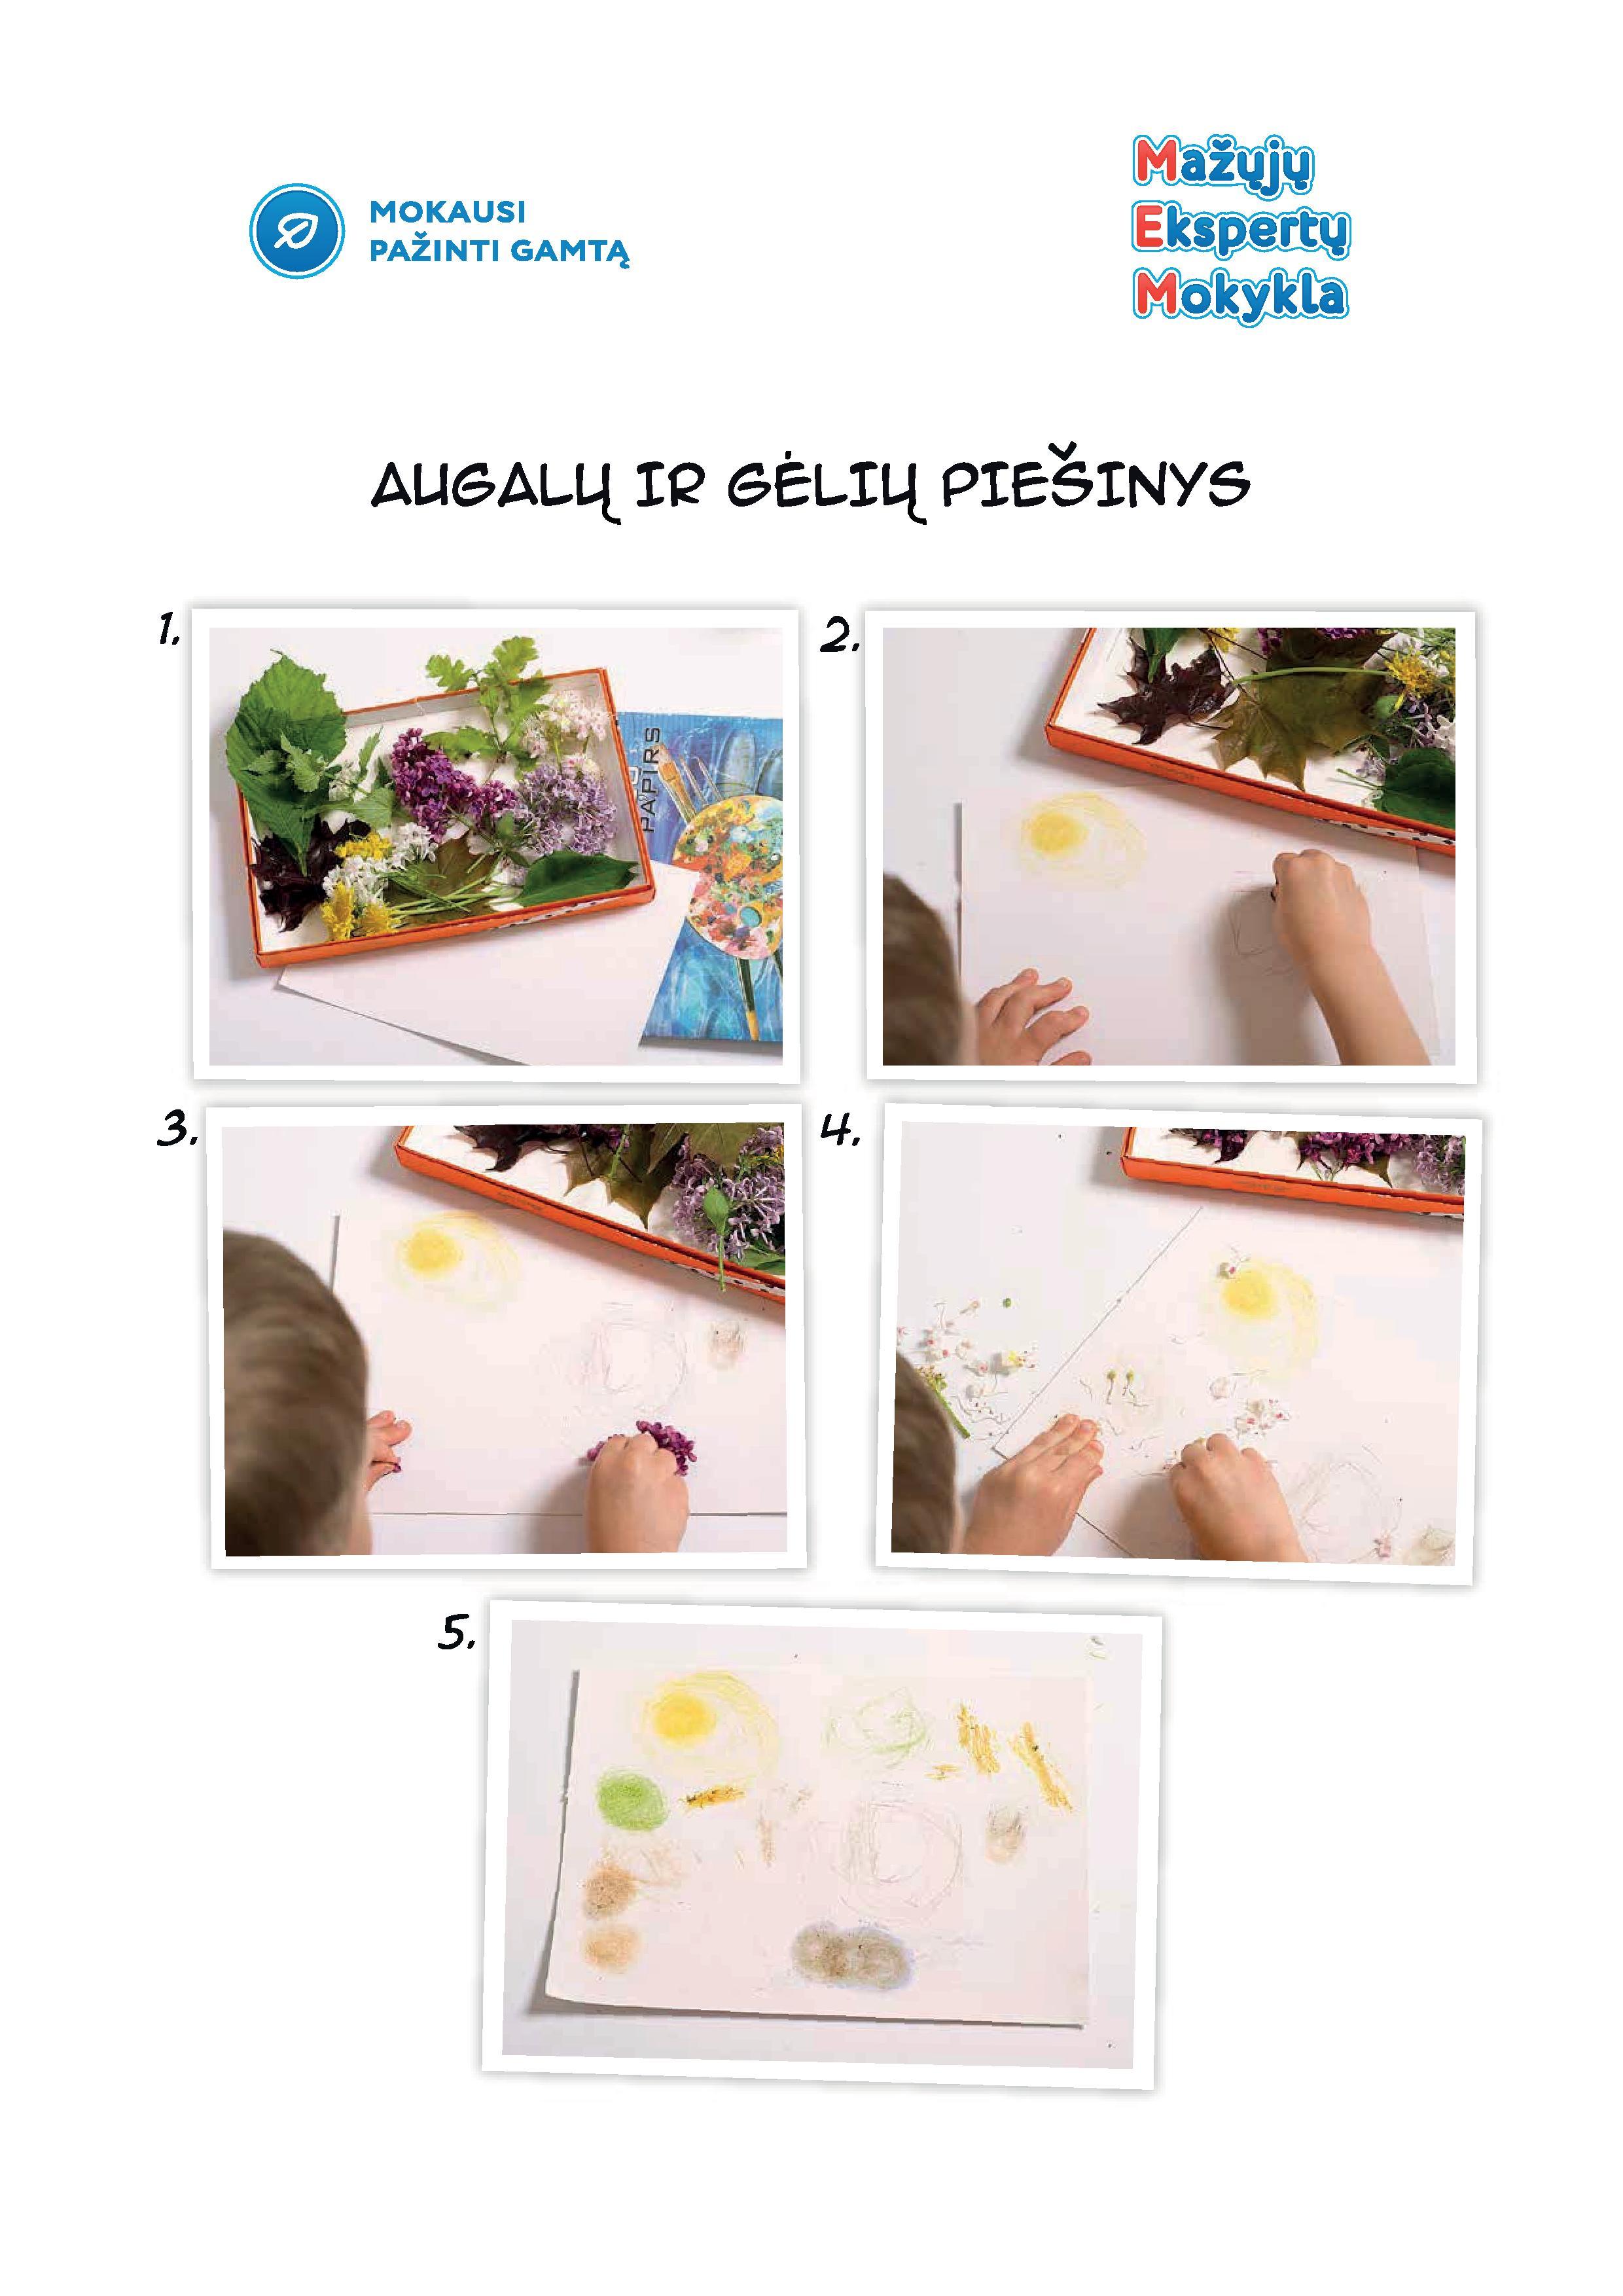 augalų ir gėlių piešinys